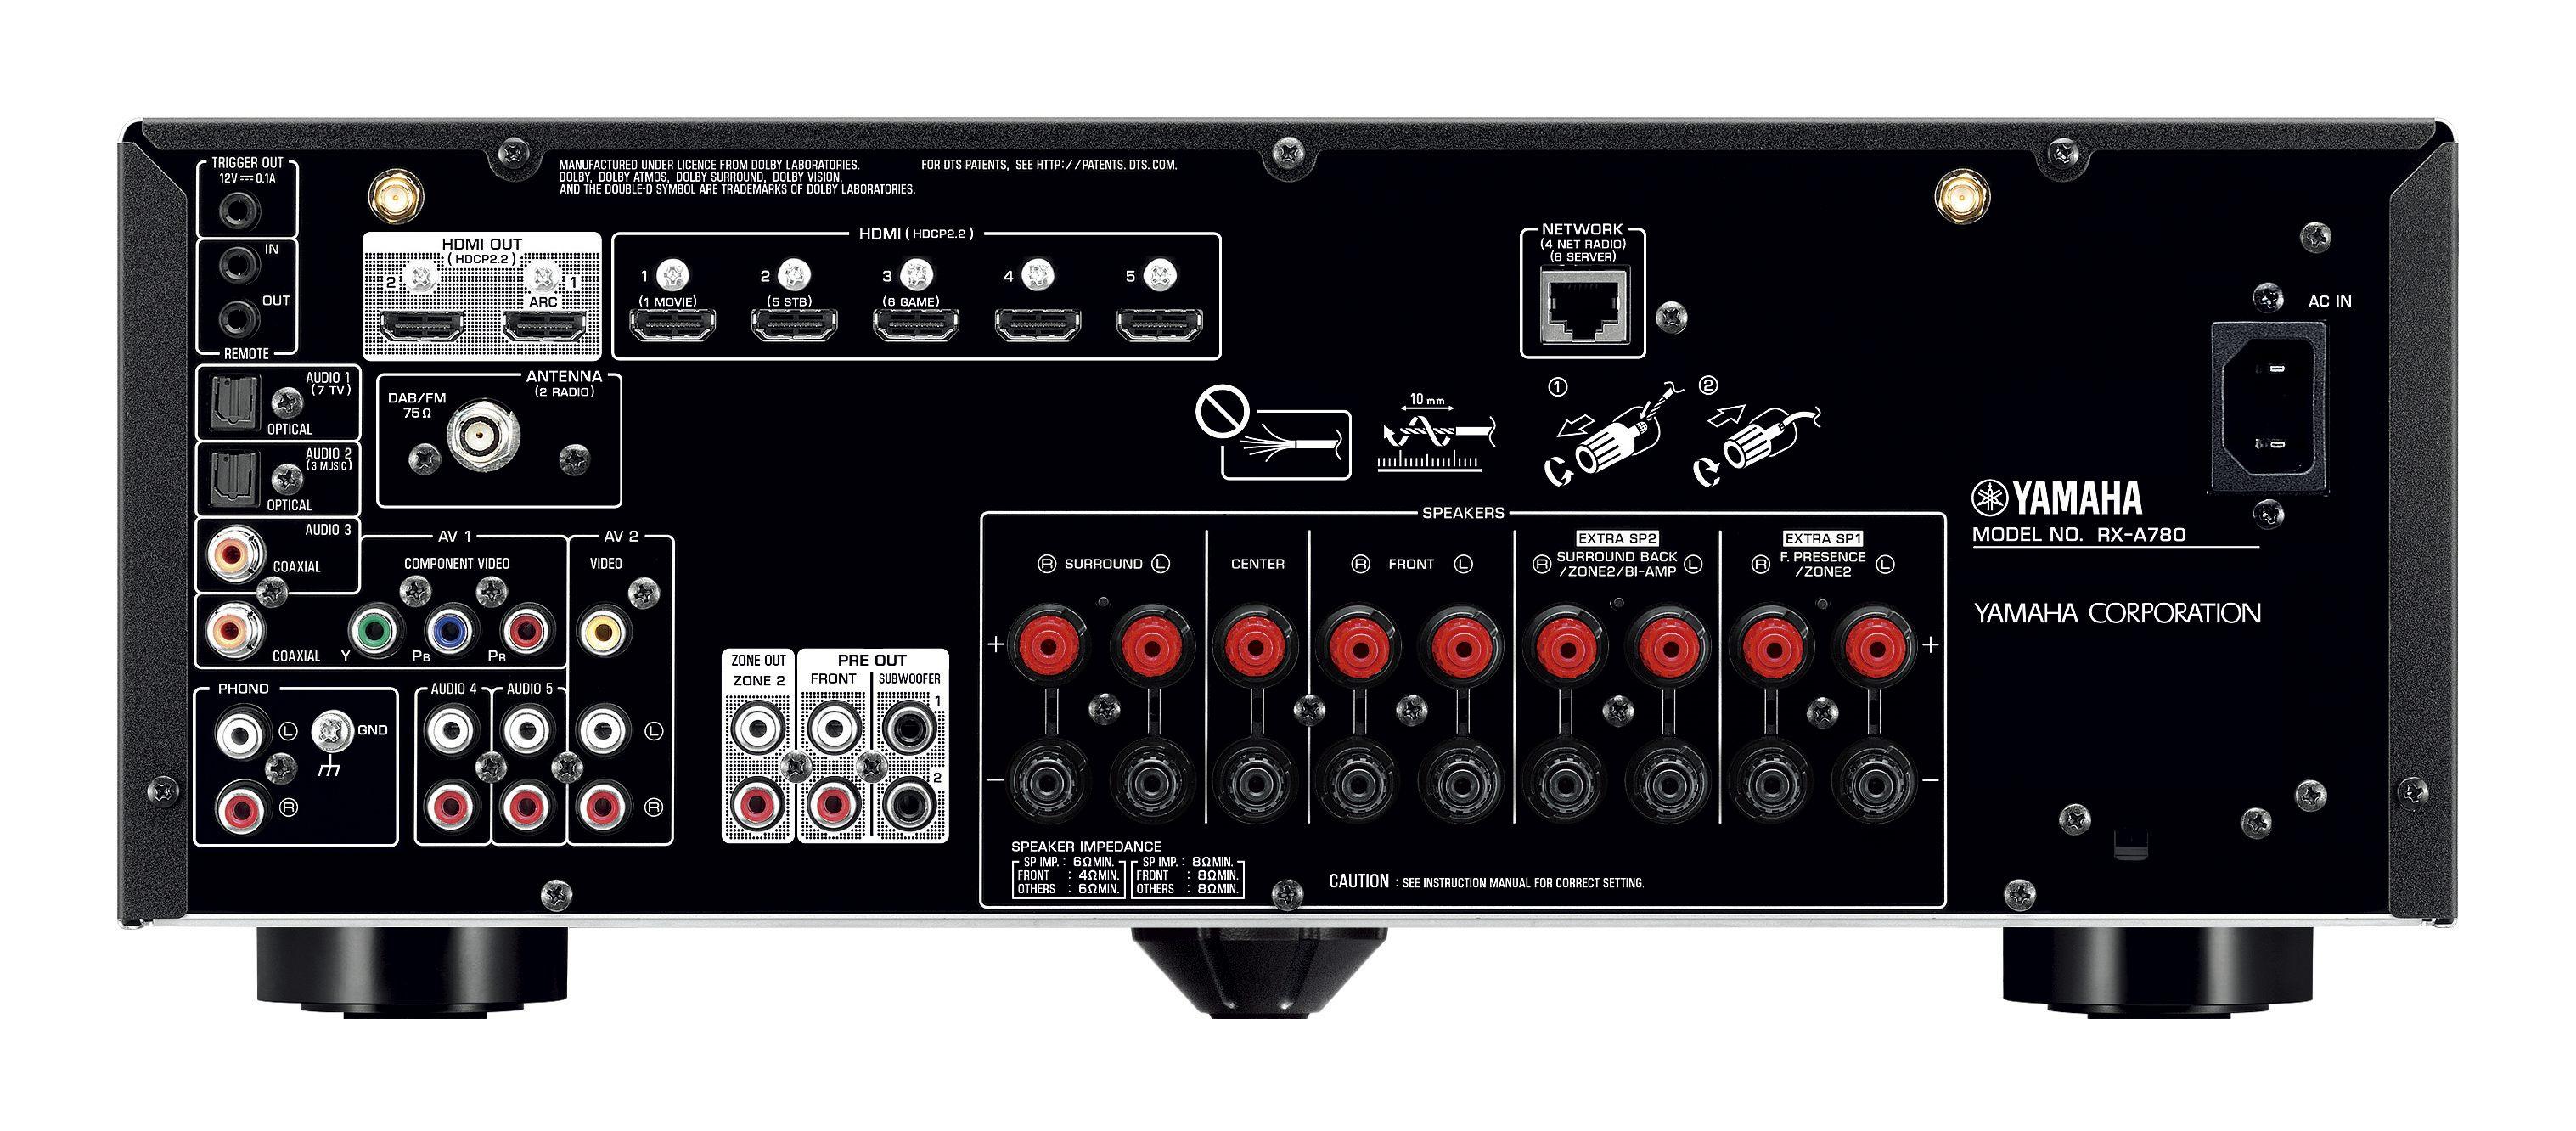 RXA780reGBEF_3034x1332_ded1046d7d834c25755e5a80de101cbc.jpg